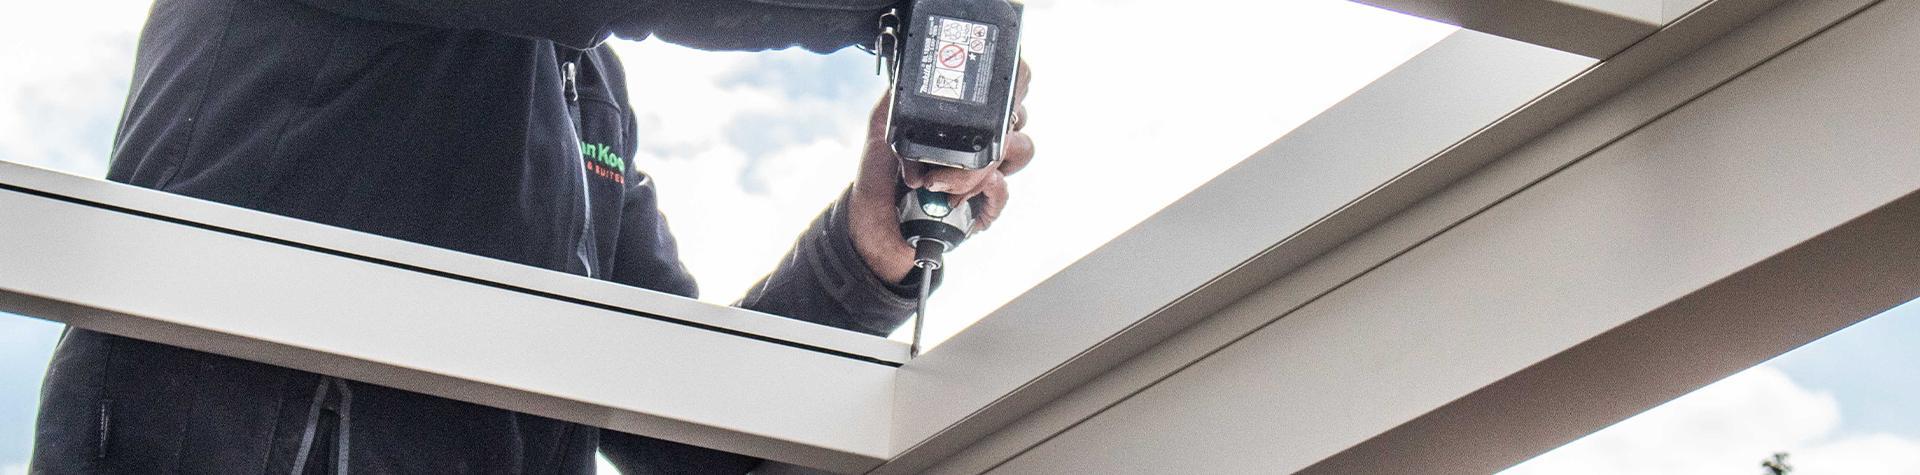 Stappenplan: Zelf een aluminium veranda opbouwen